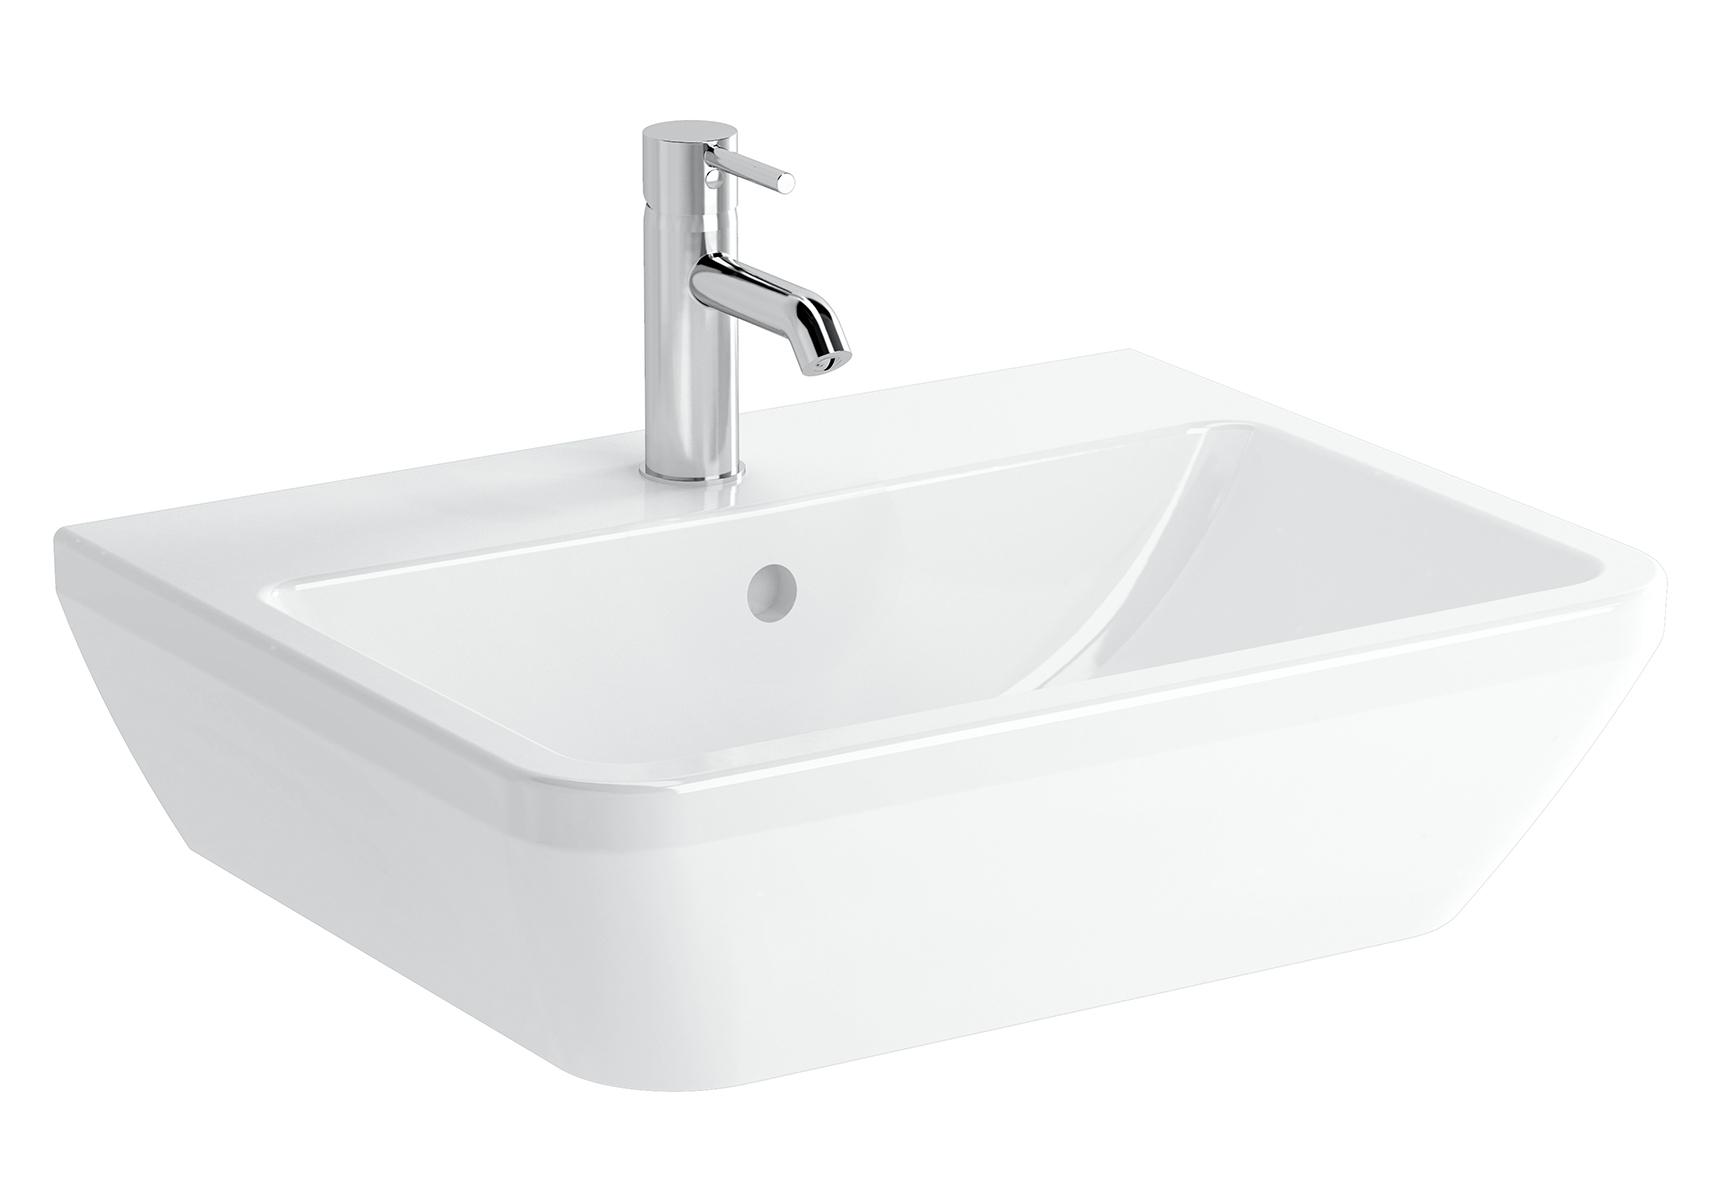 Integra lavabo carré, 60 cm, avec trou de robinet, avec trop-plein